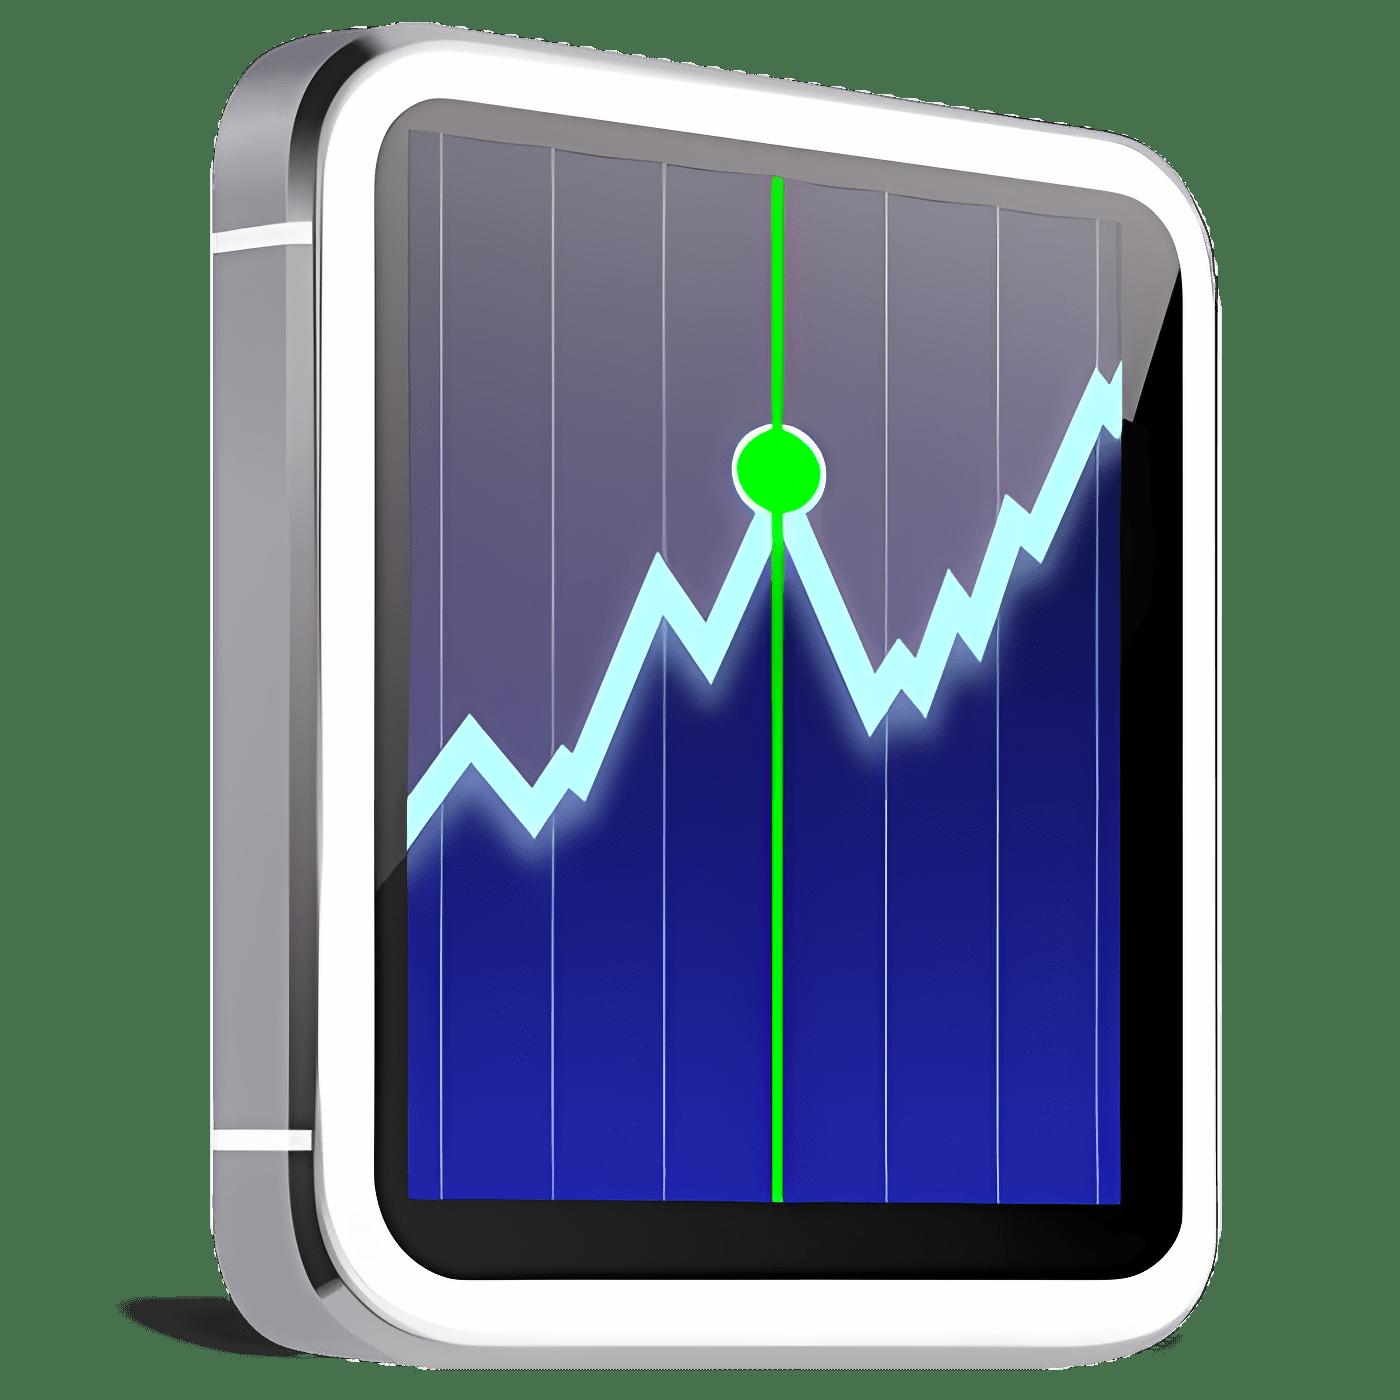 Stock + 3.5.6